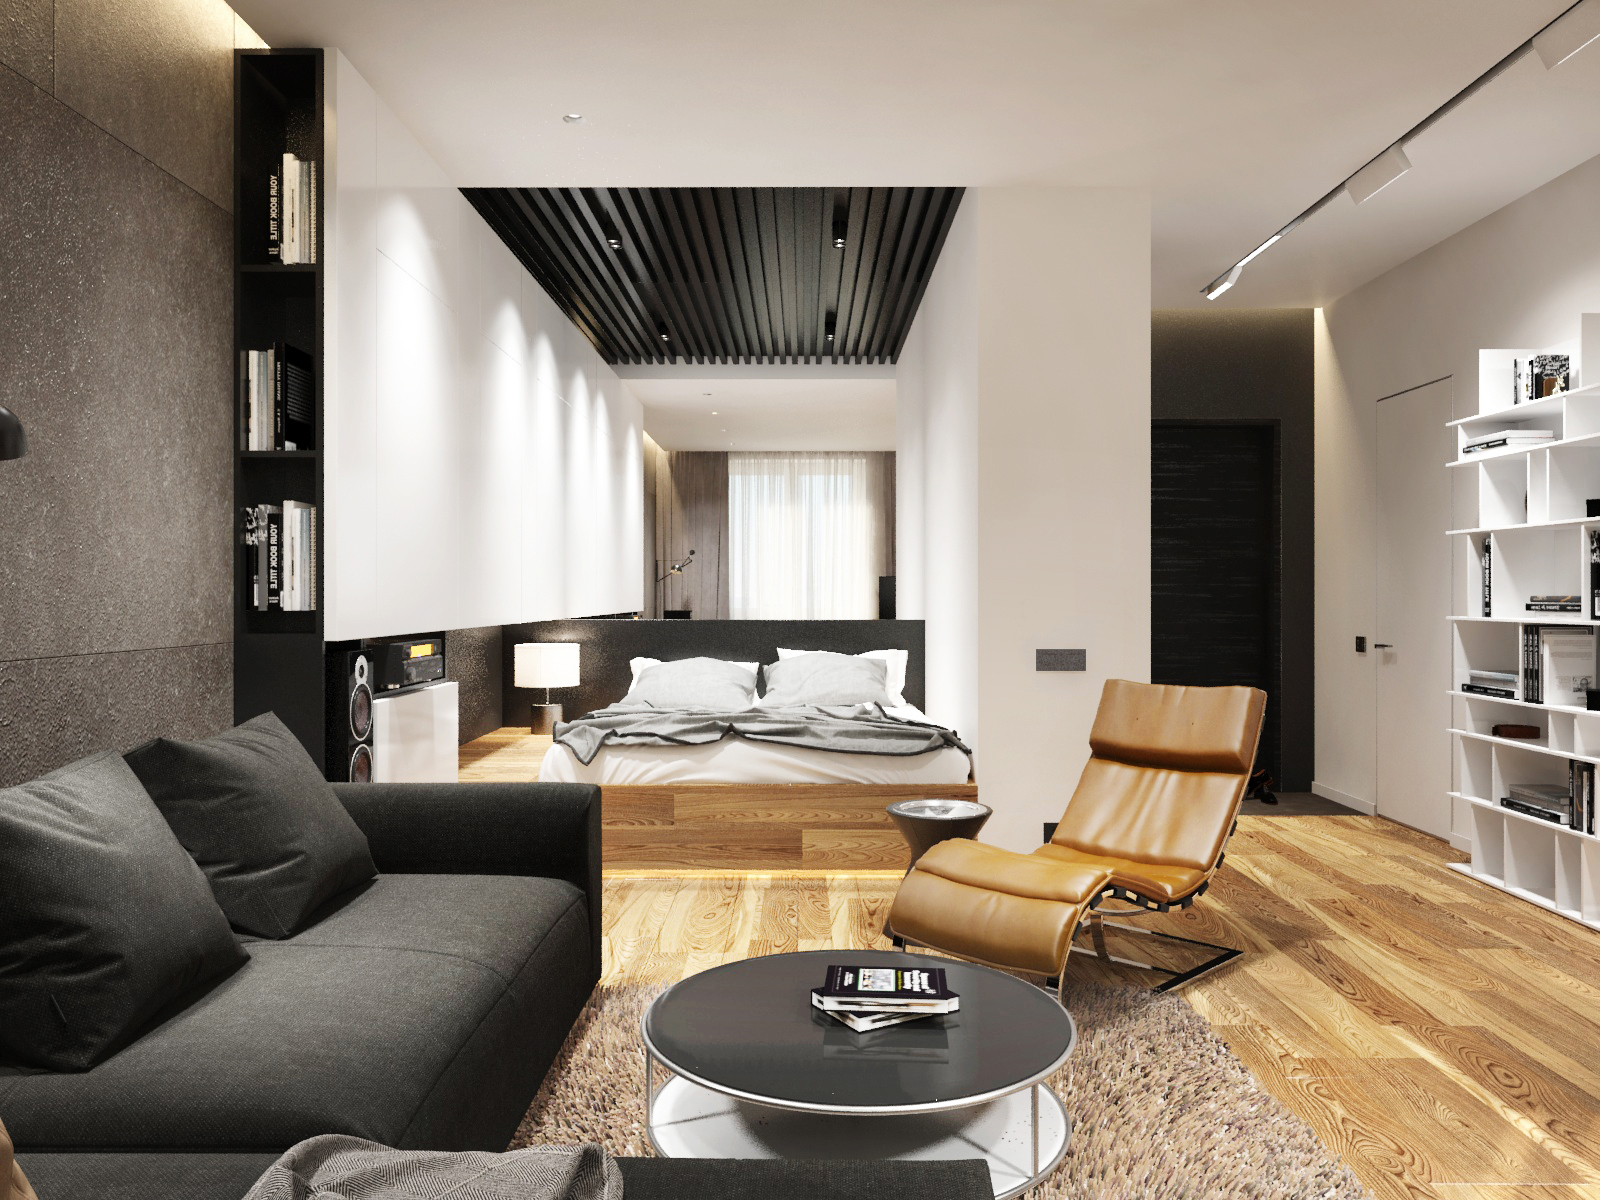 chambre salon 17 m² design